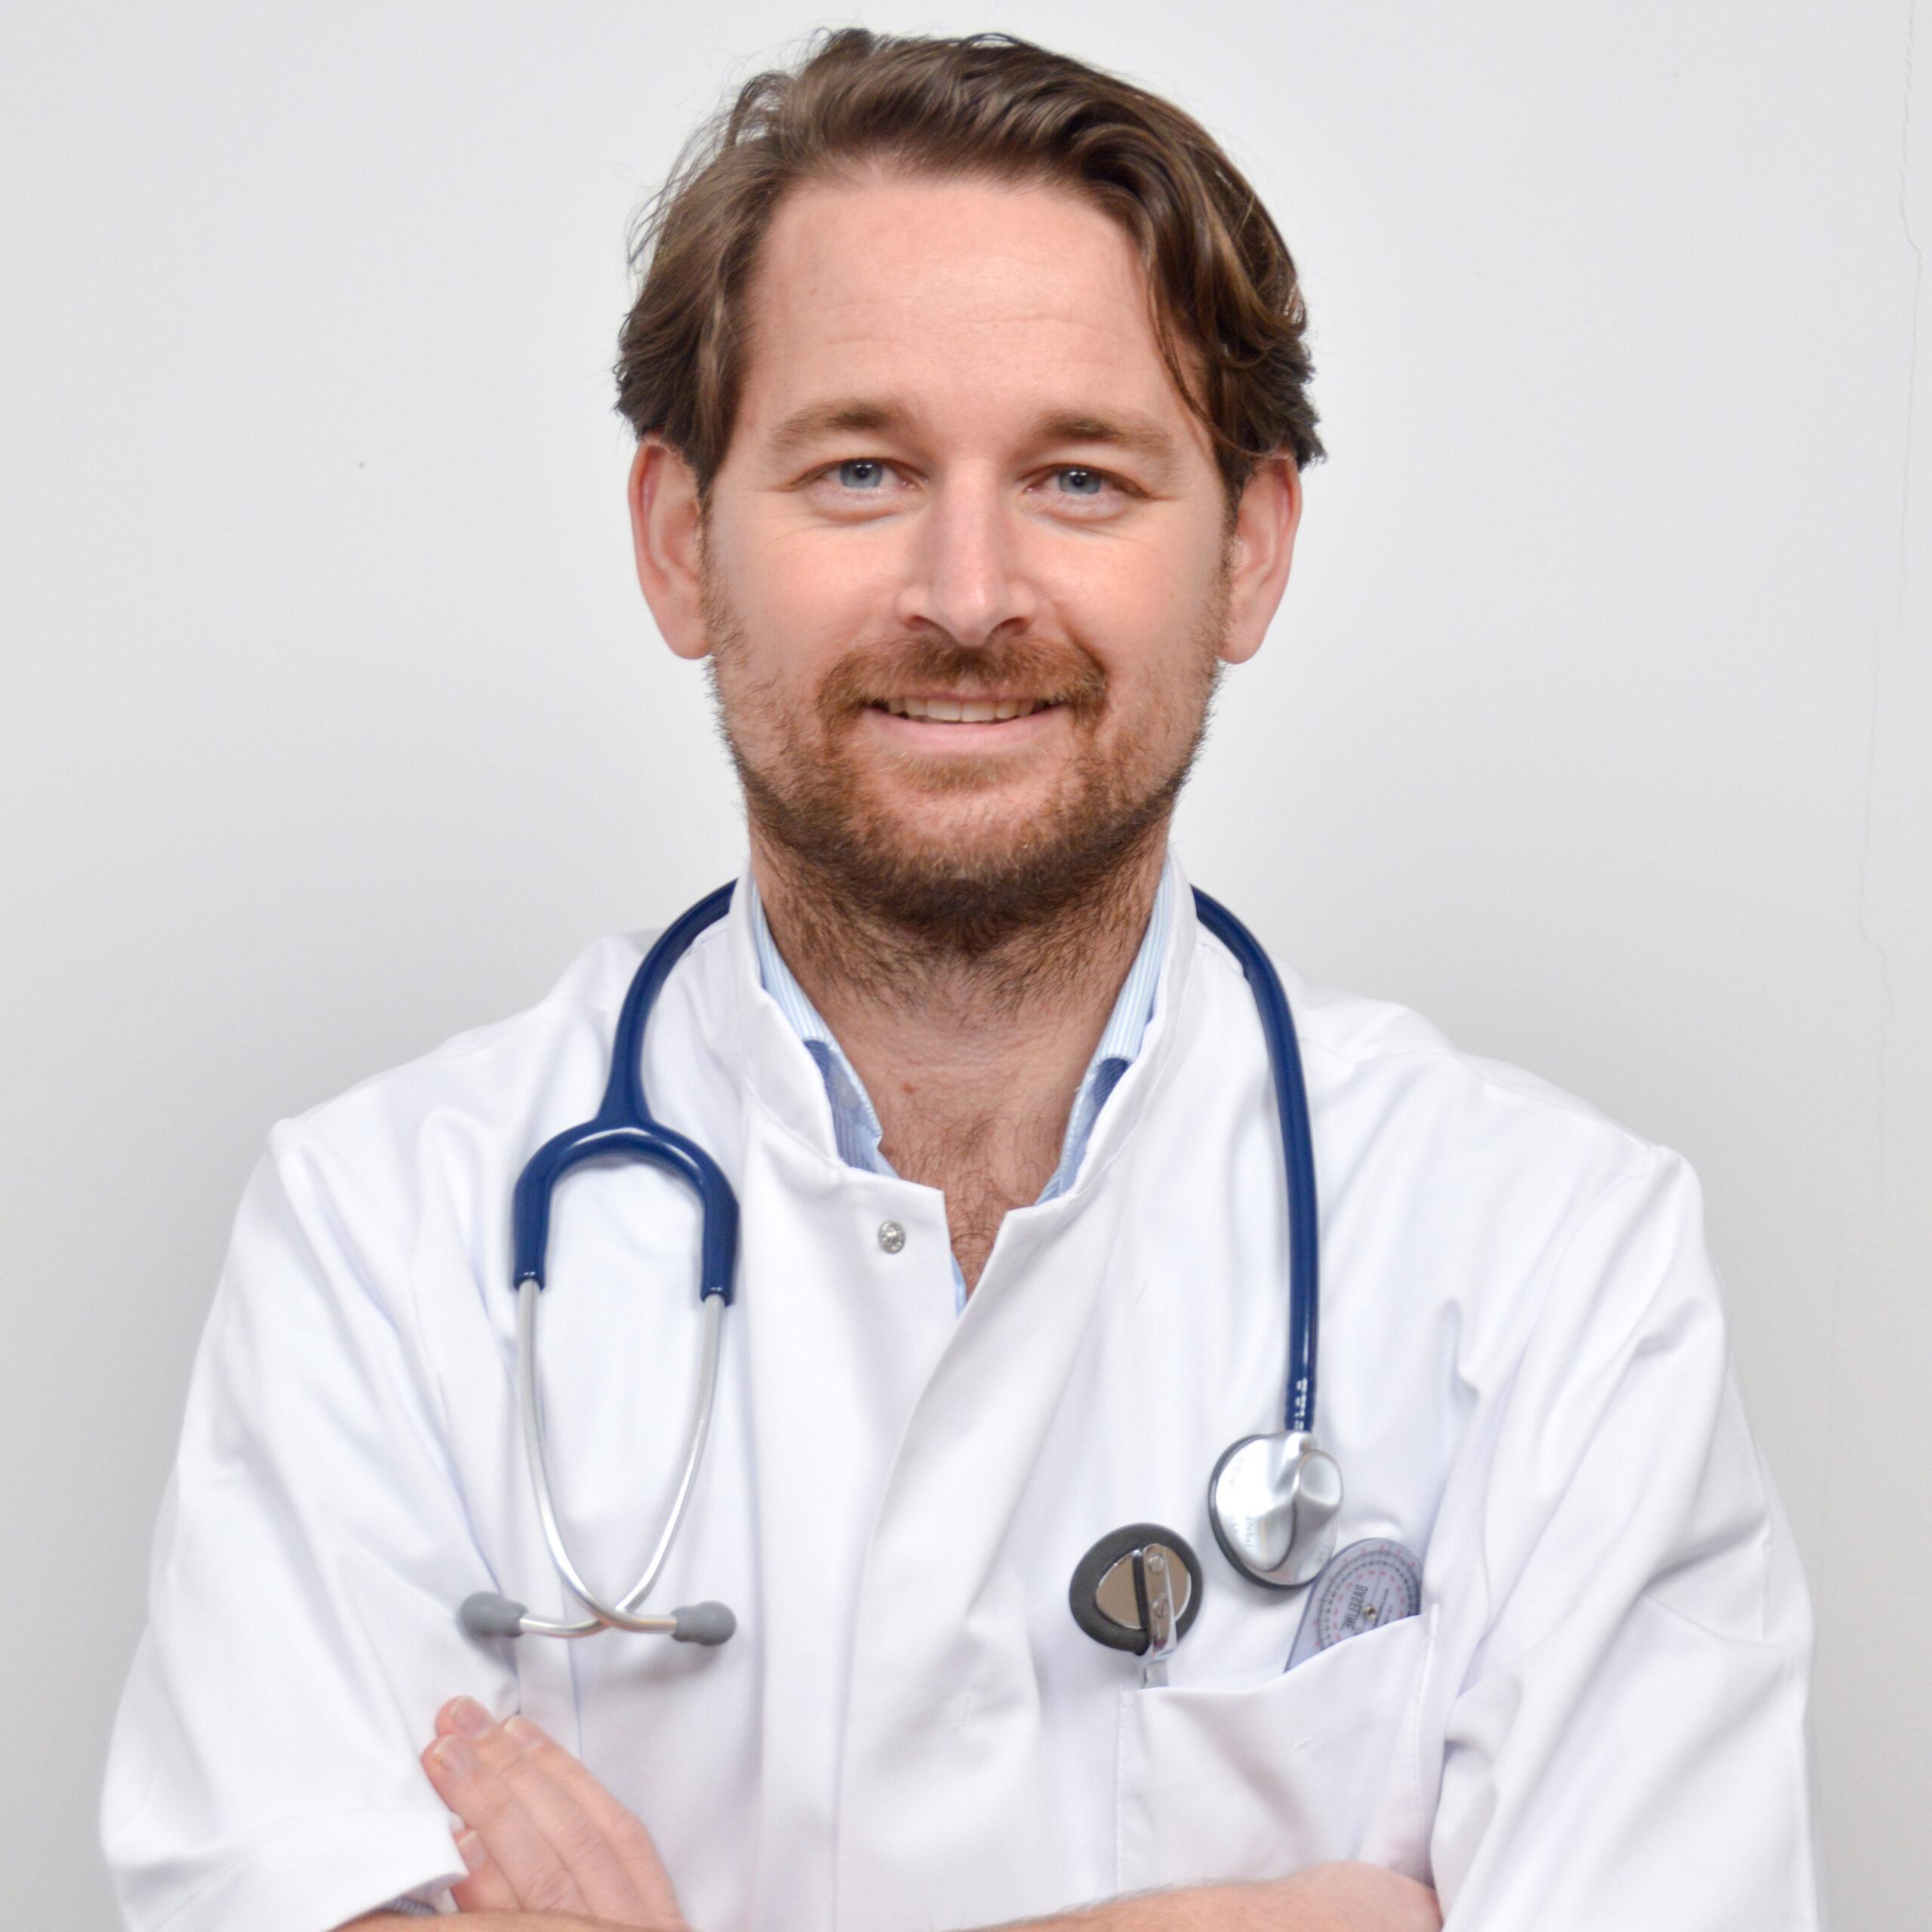 Christiaan Swellengrebel